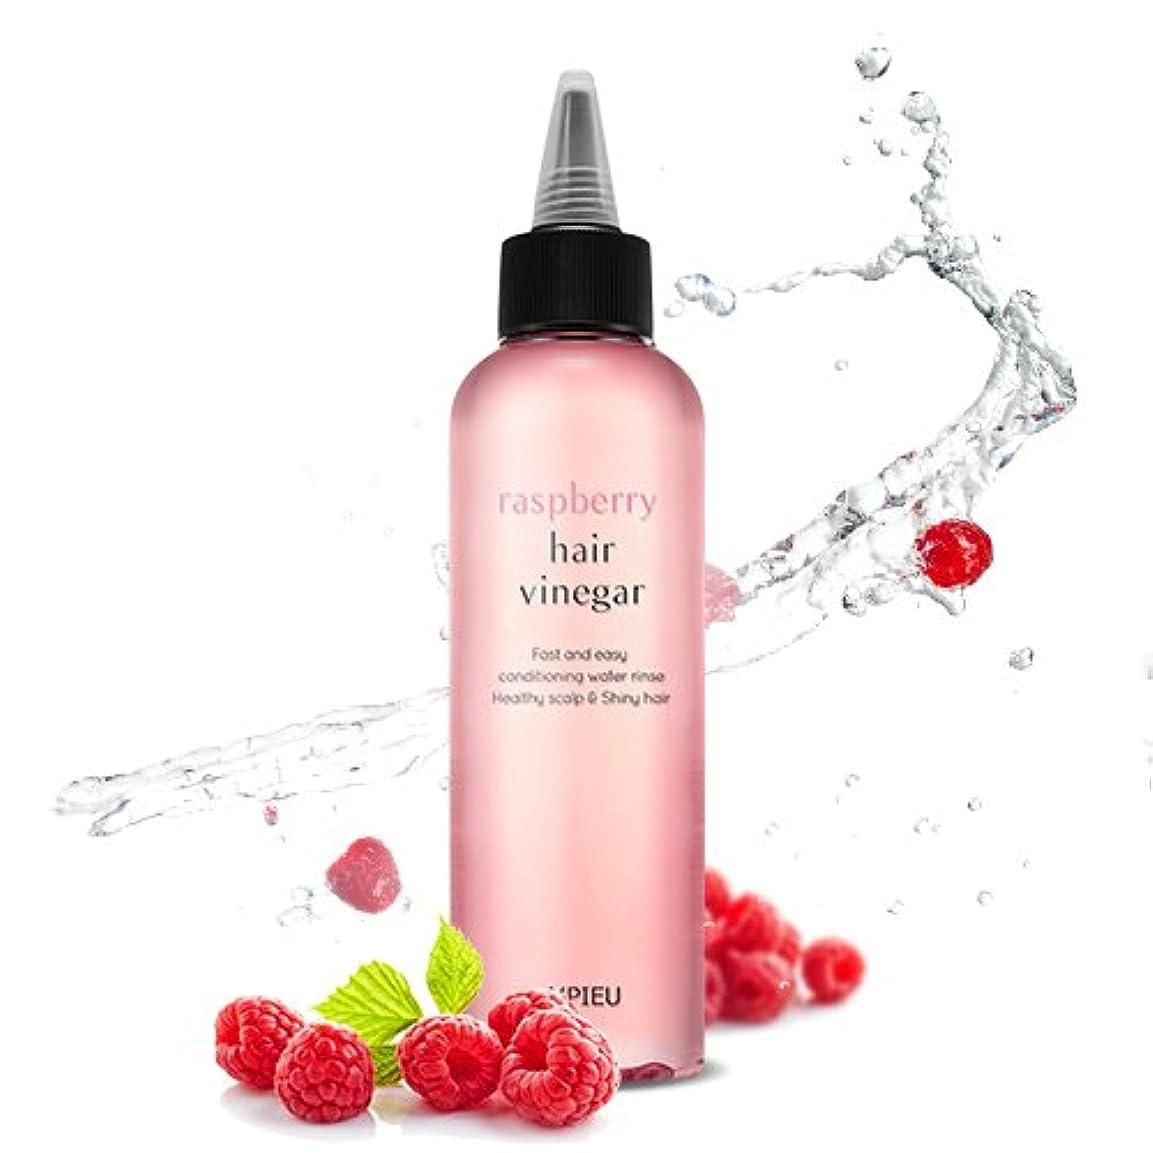 レビュー人間証明APIEU Raspberry Hair Vinegar / [アピュ/オピュ] ラズベリーヘアビネガー 200ml [並行輸入品]